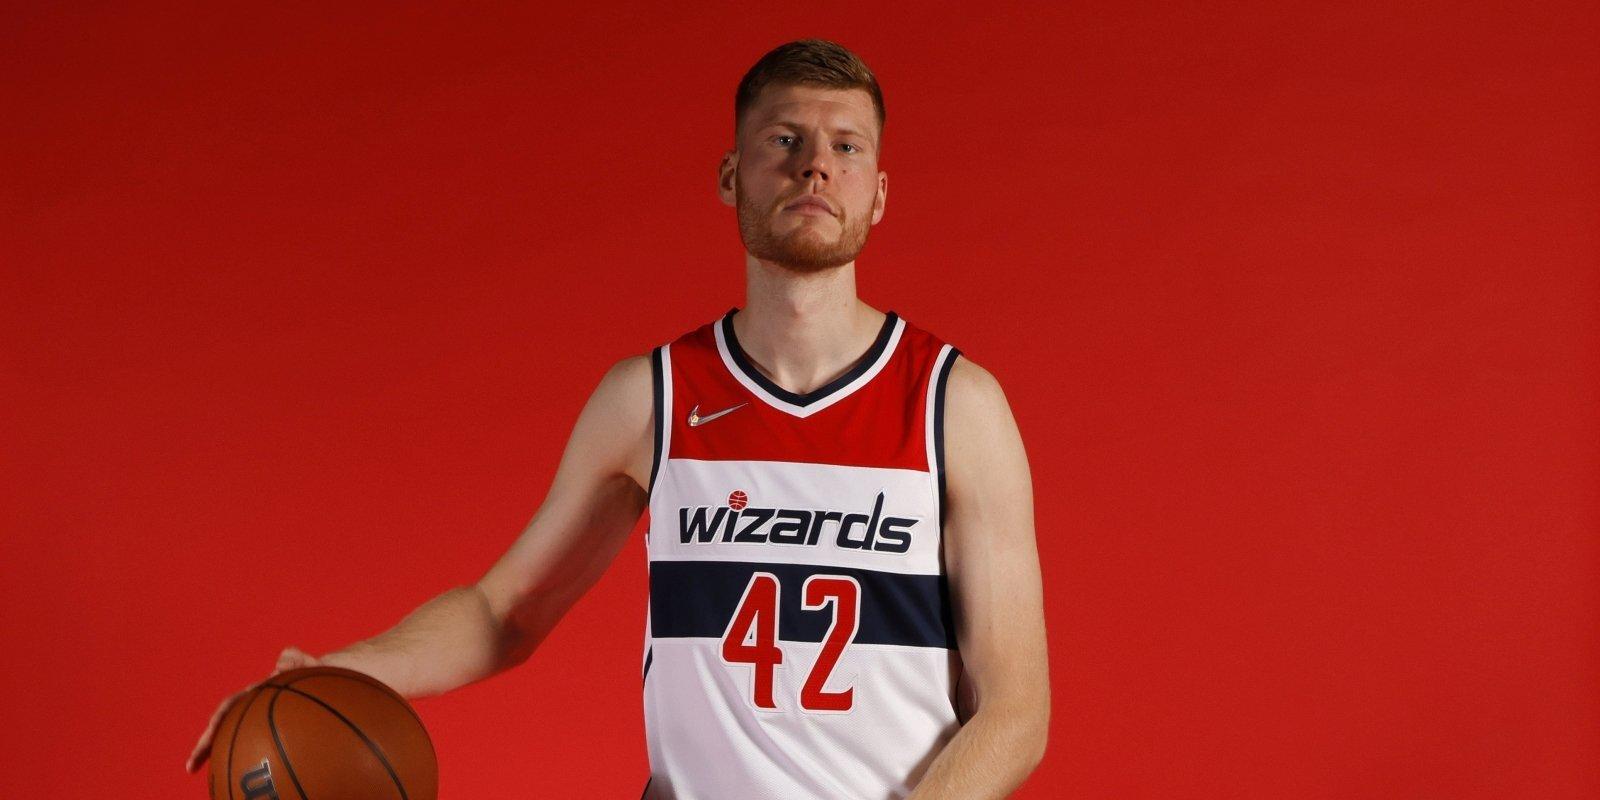 Neļaut 'grilēt vistiņas' uz Bertāna rēķina. 'Wizards' sāk NBA sezonu jaunā veidolā